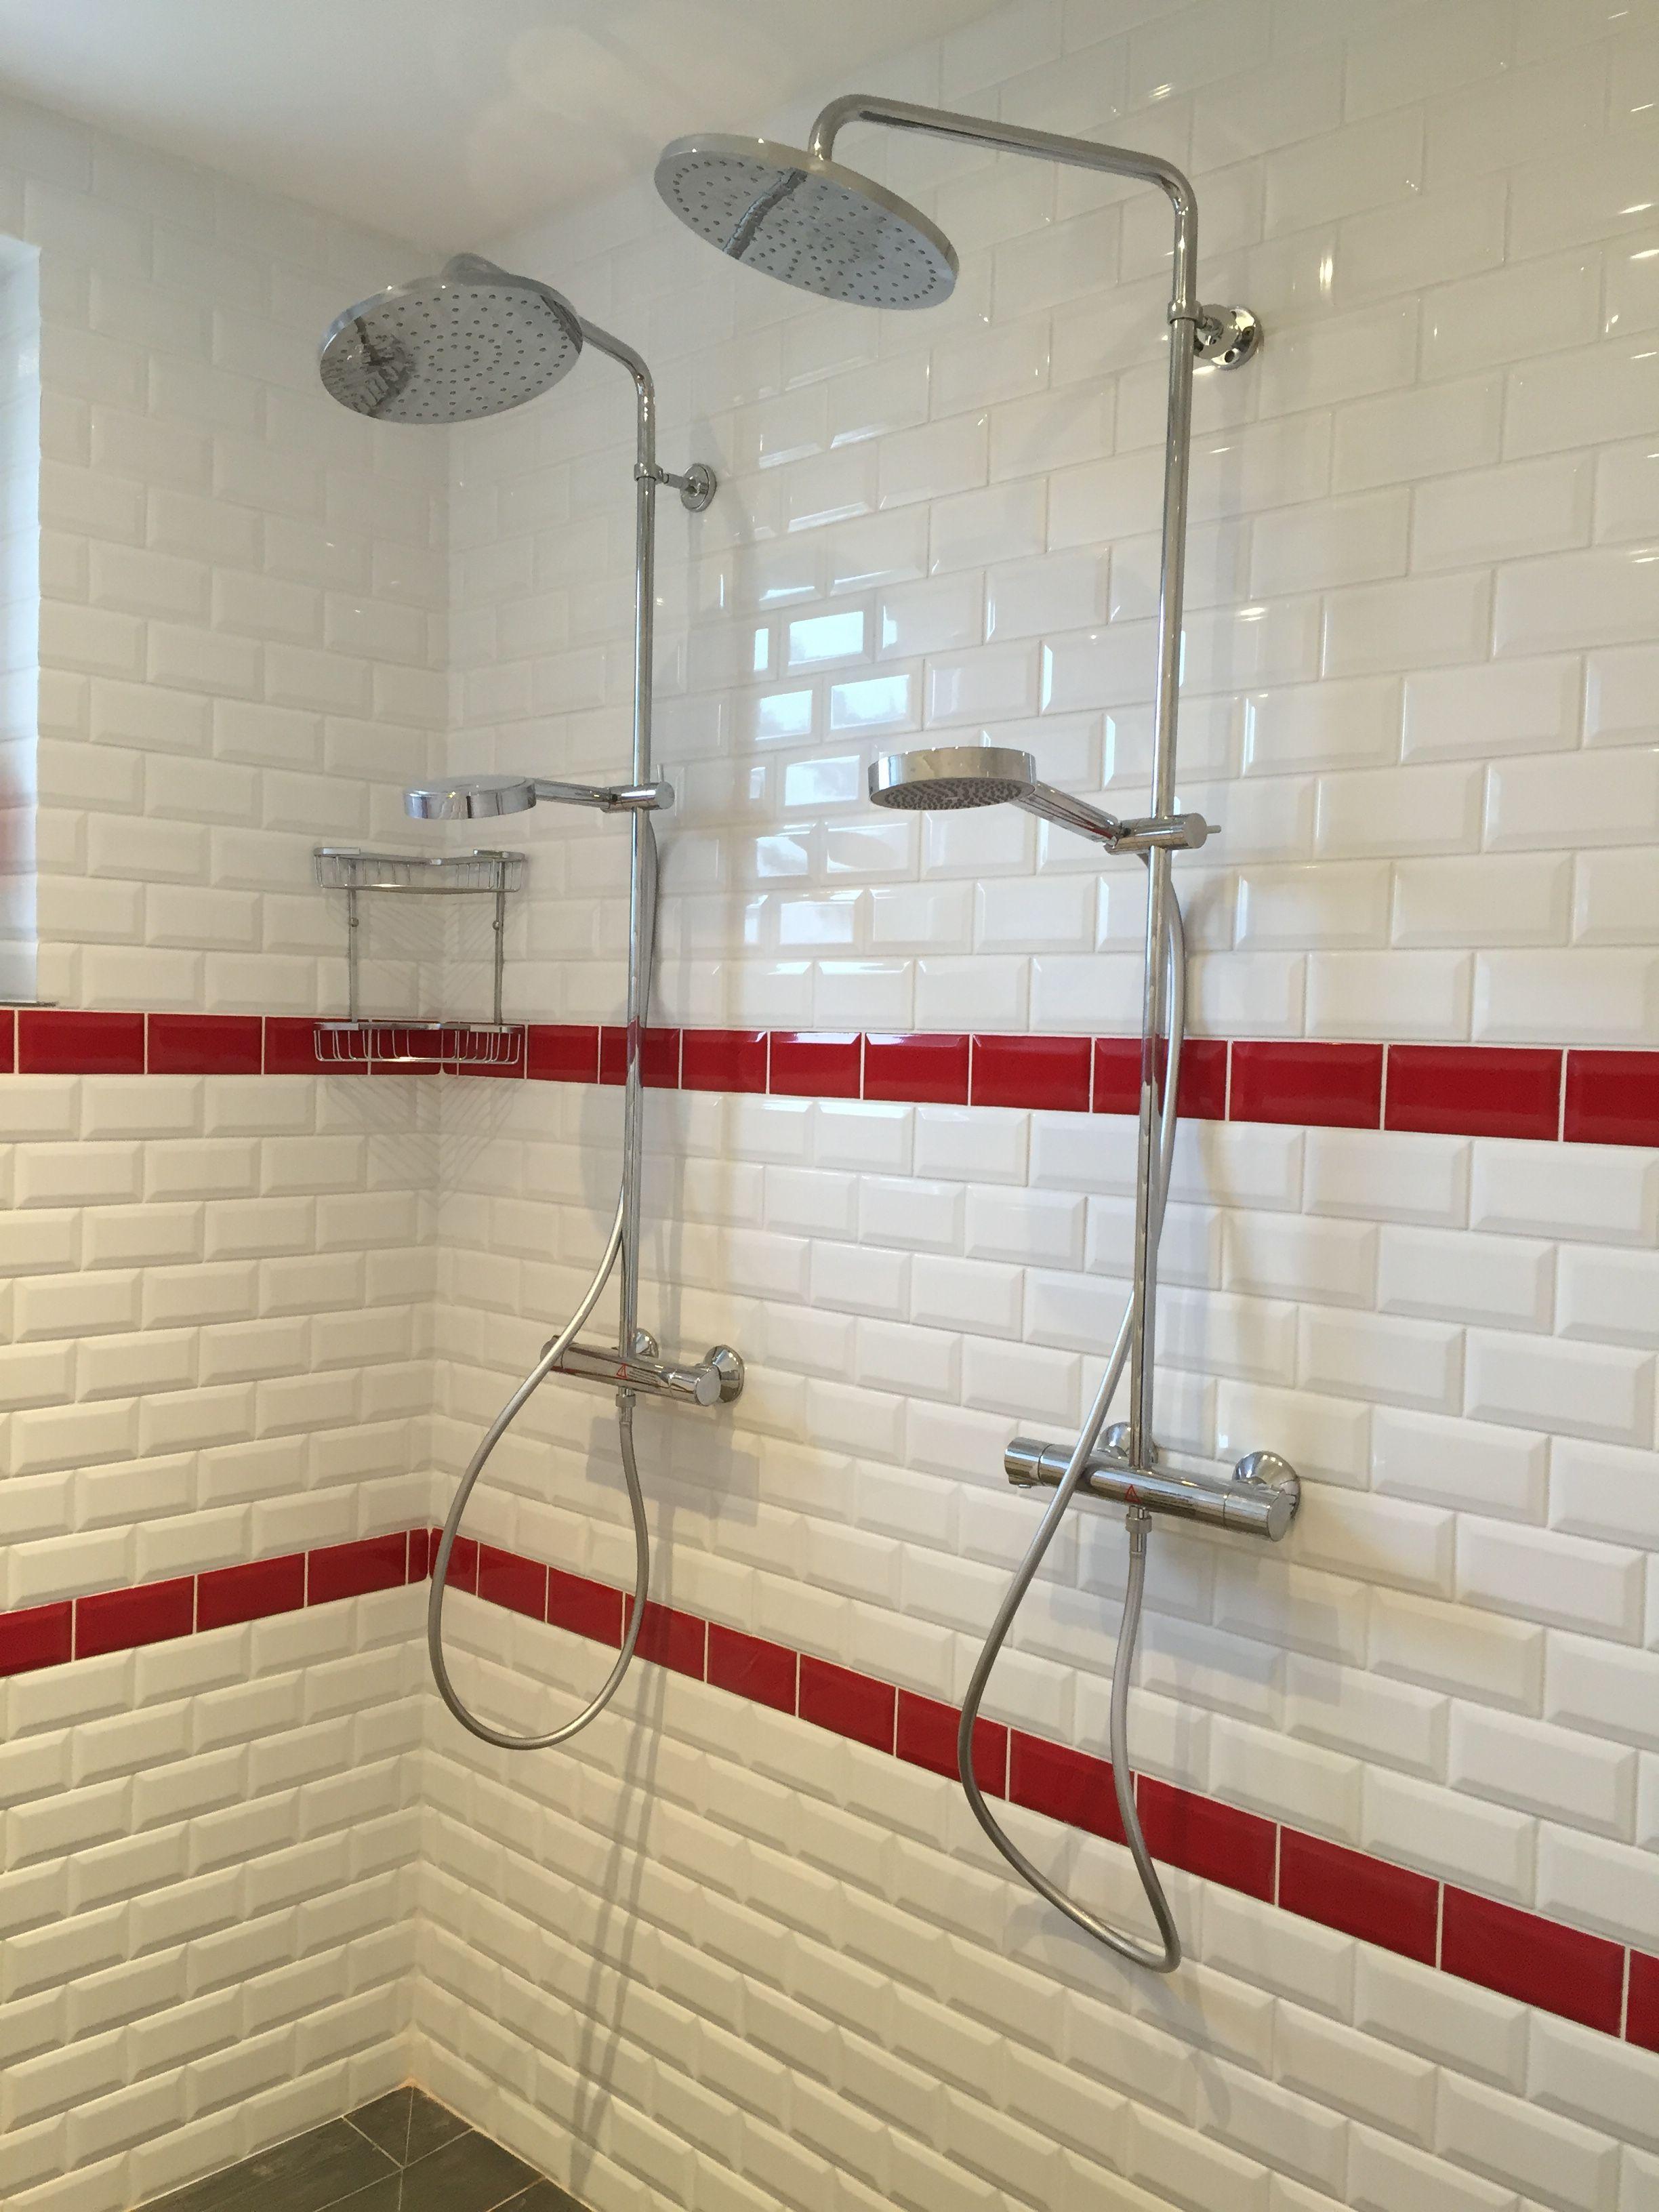 aurlia foyatier architecte lyon rnovation intrieure chambon sur lignon salle de bain metro - Renovation Salle De Bain Lyon